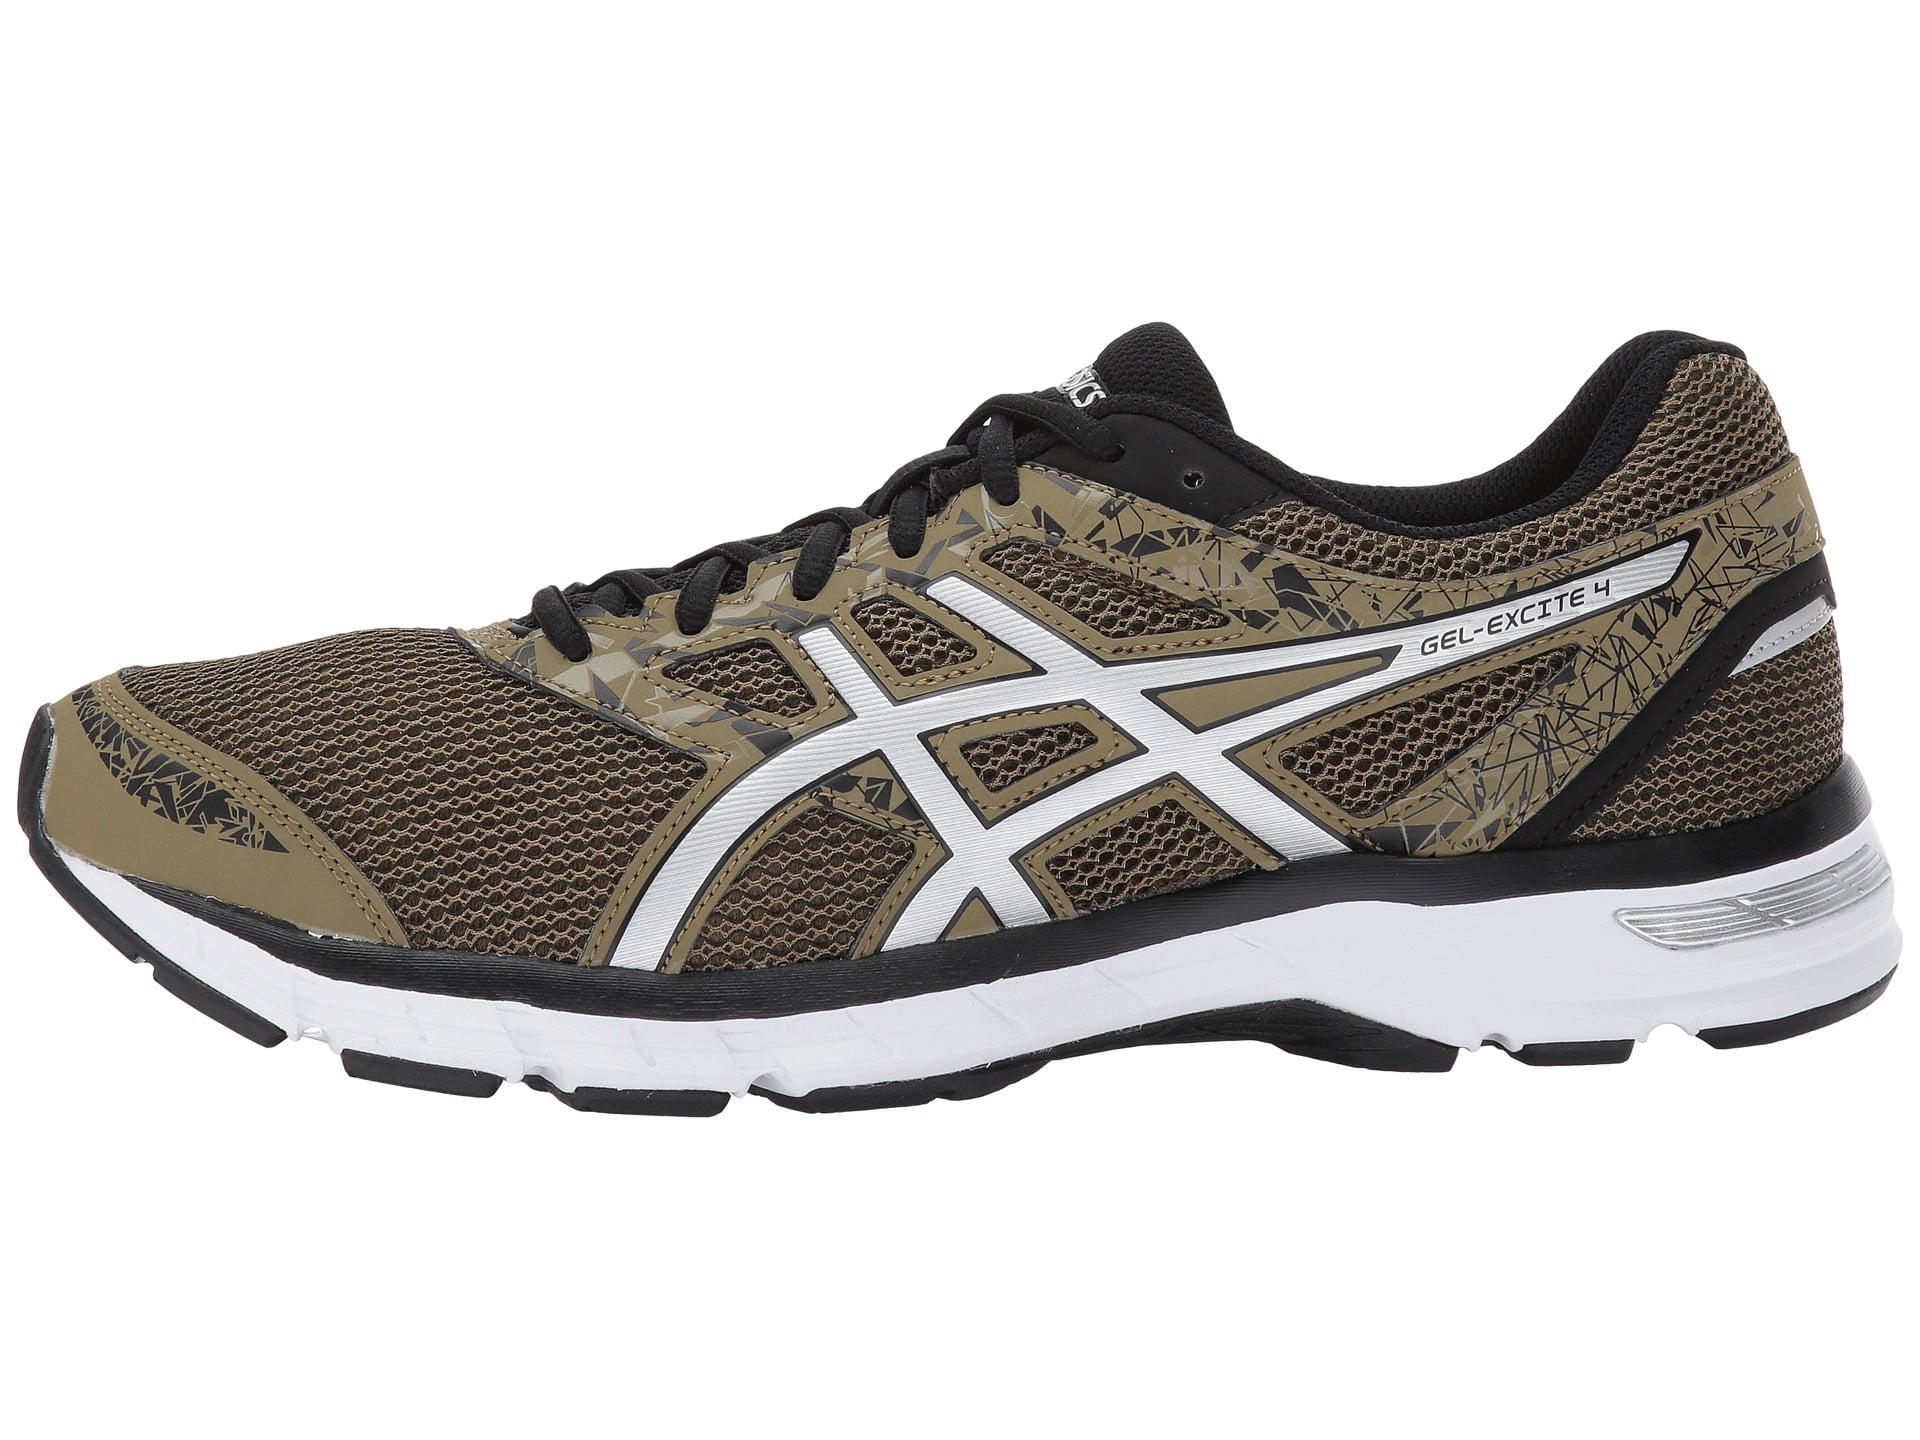 077b2ac0ab ... new zealand asics herren gel ankle excite high schwarz 4 carbon silber  schwarz ankle high running